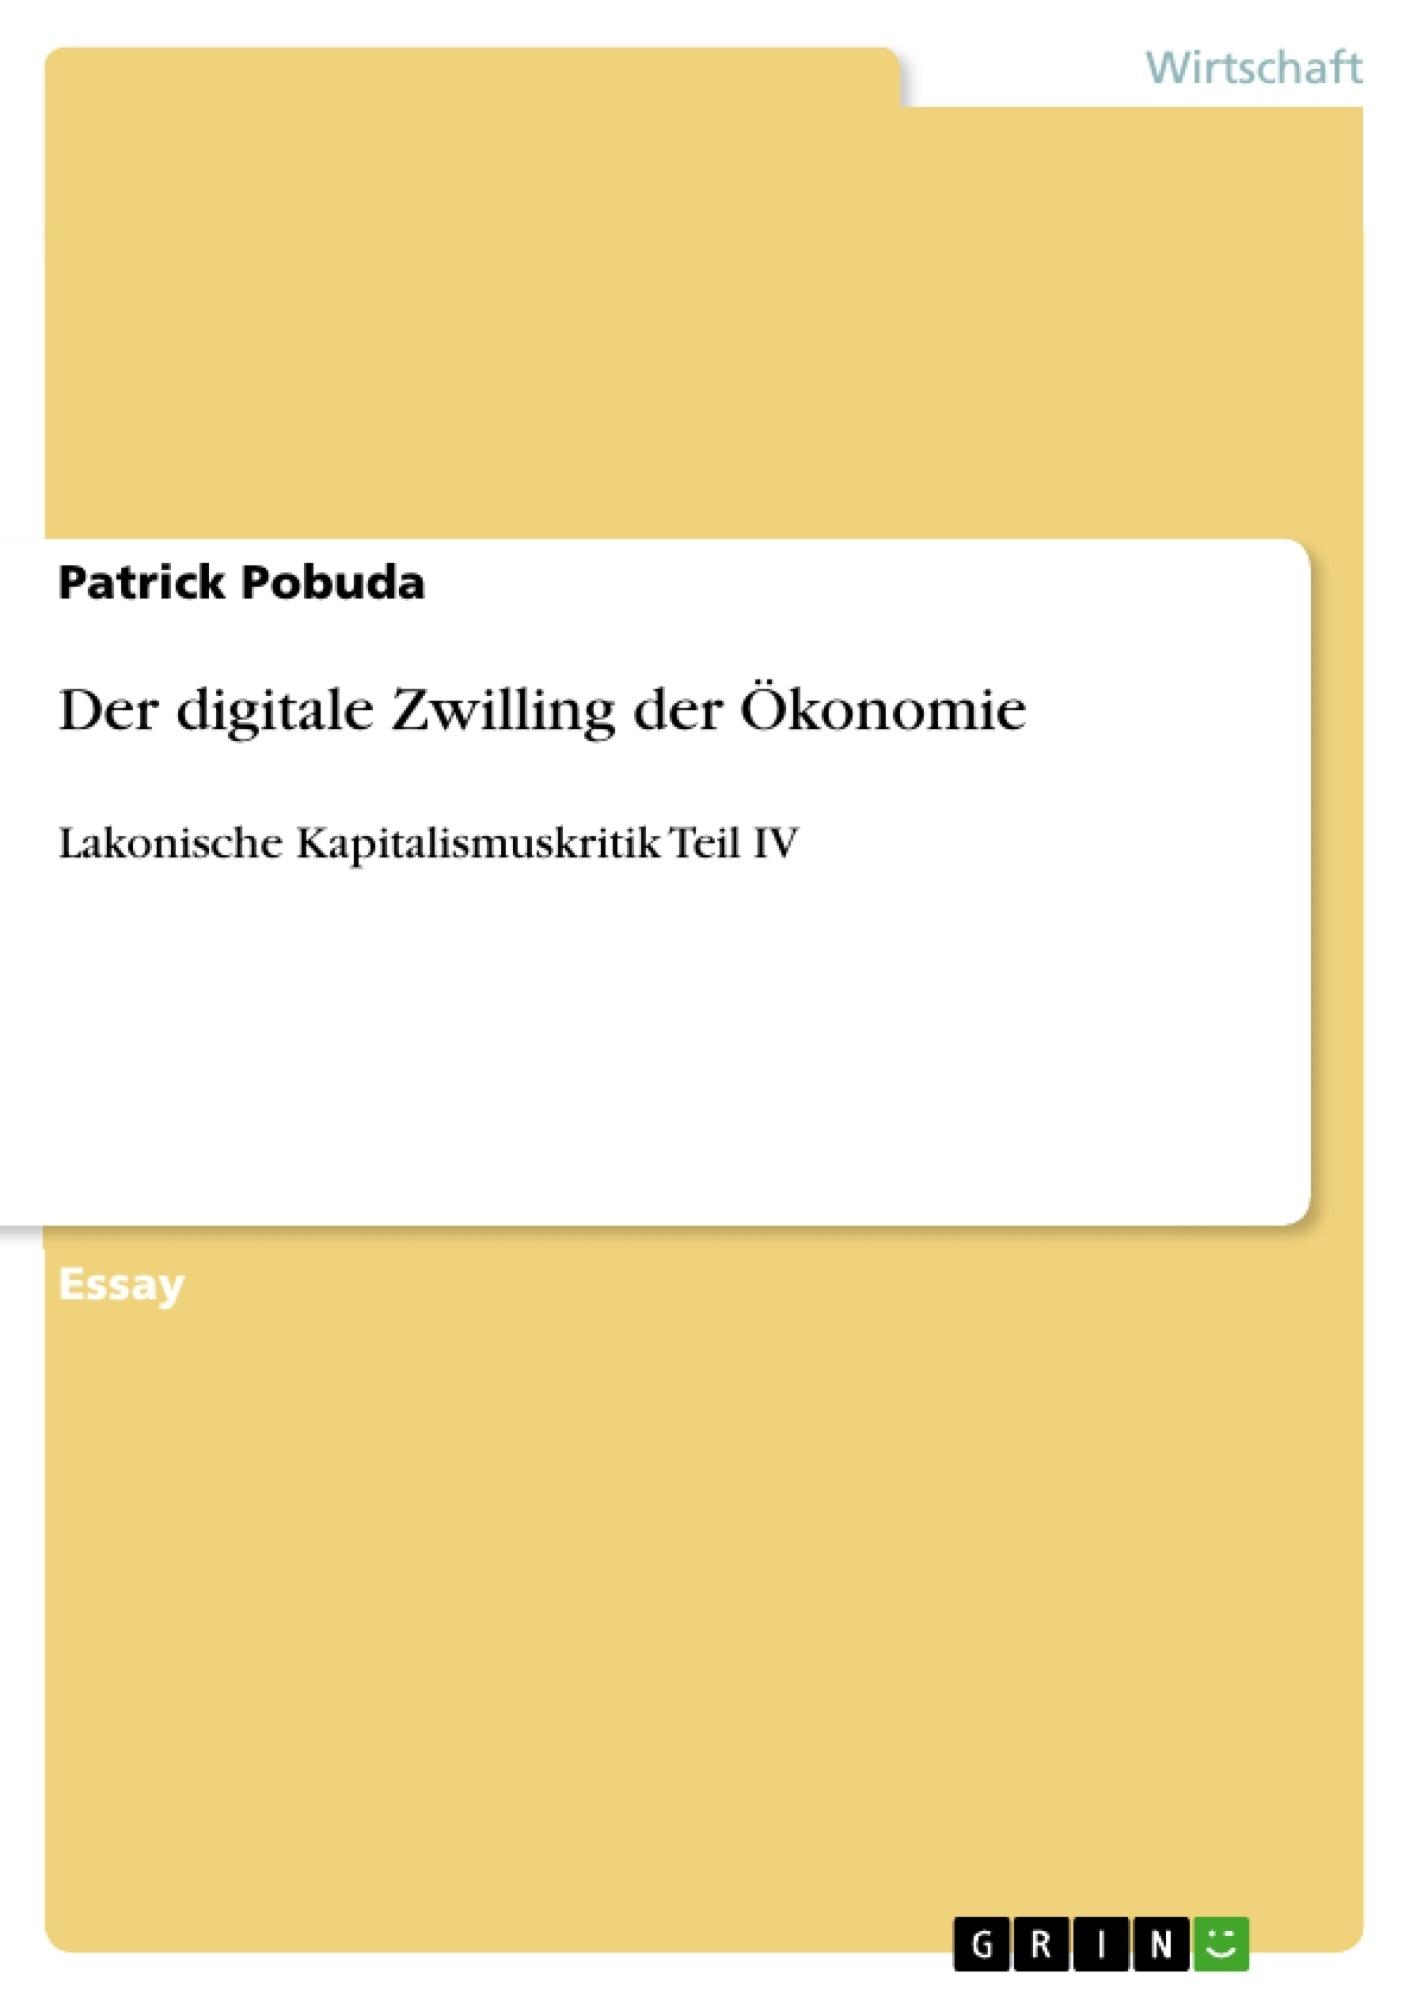 Titel: Der digitale Zwilling der Ökonomie